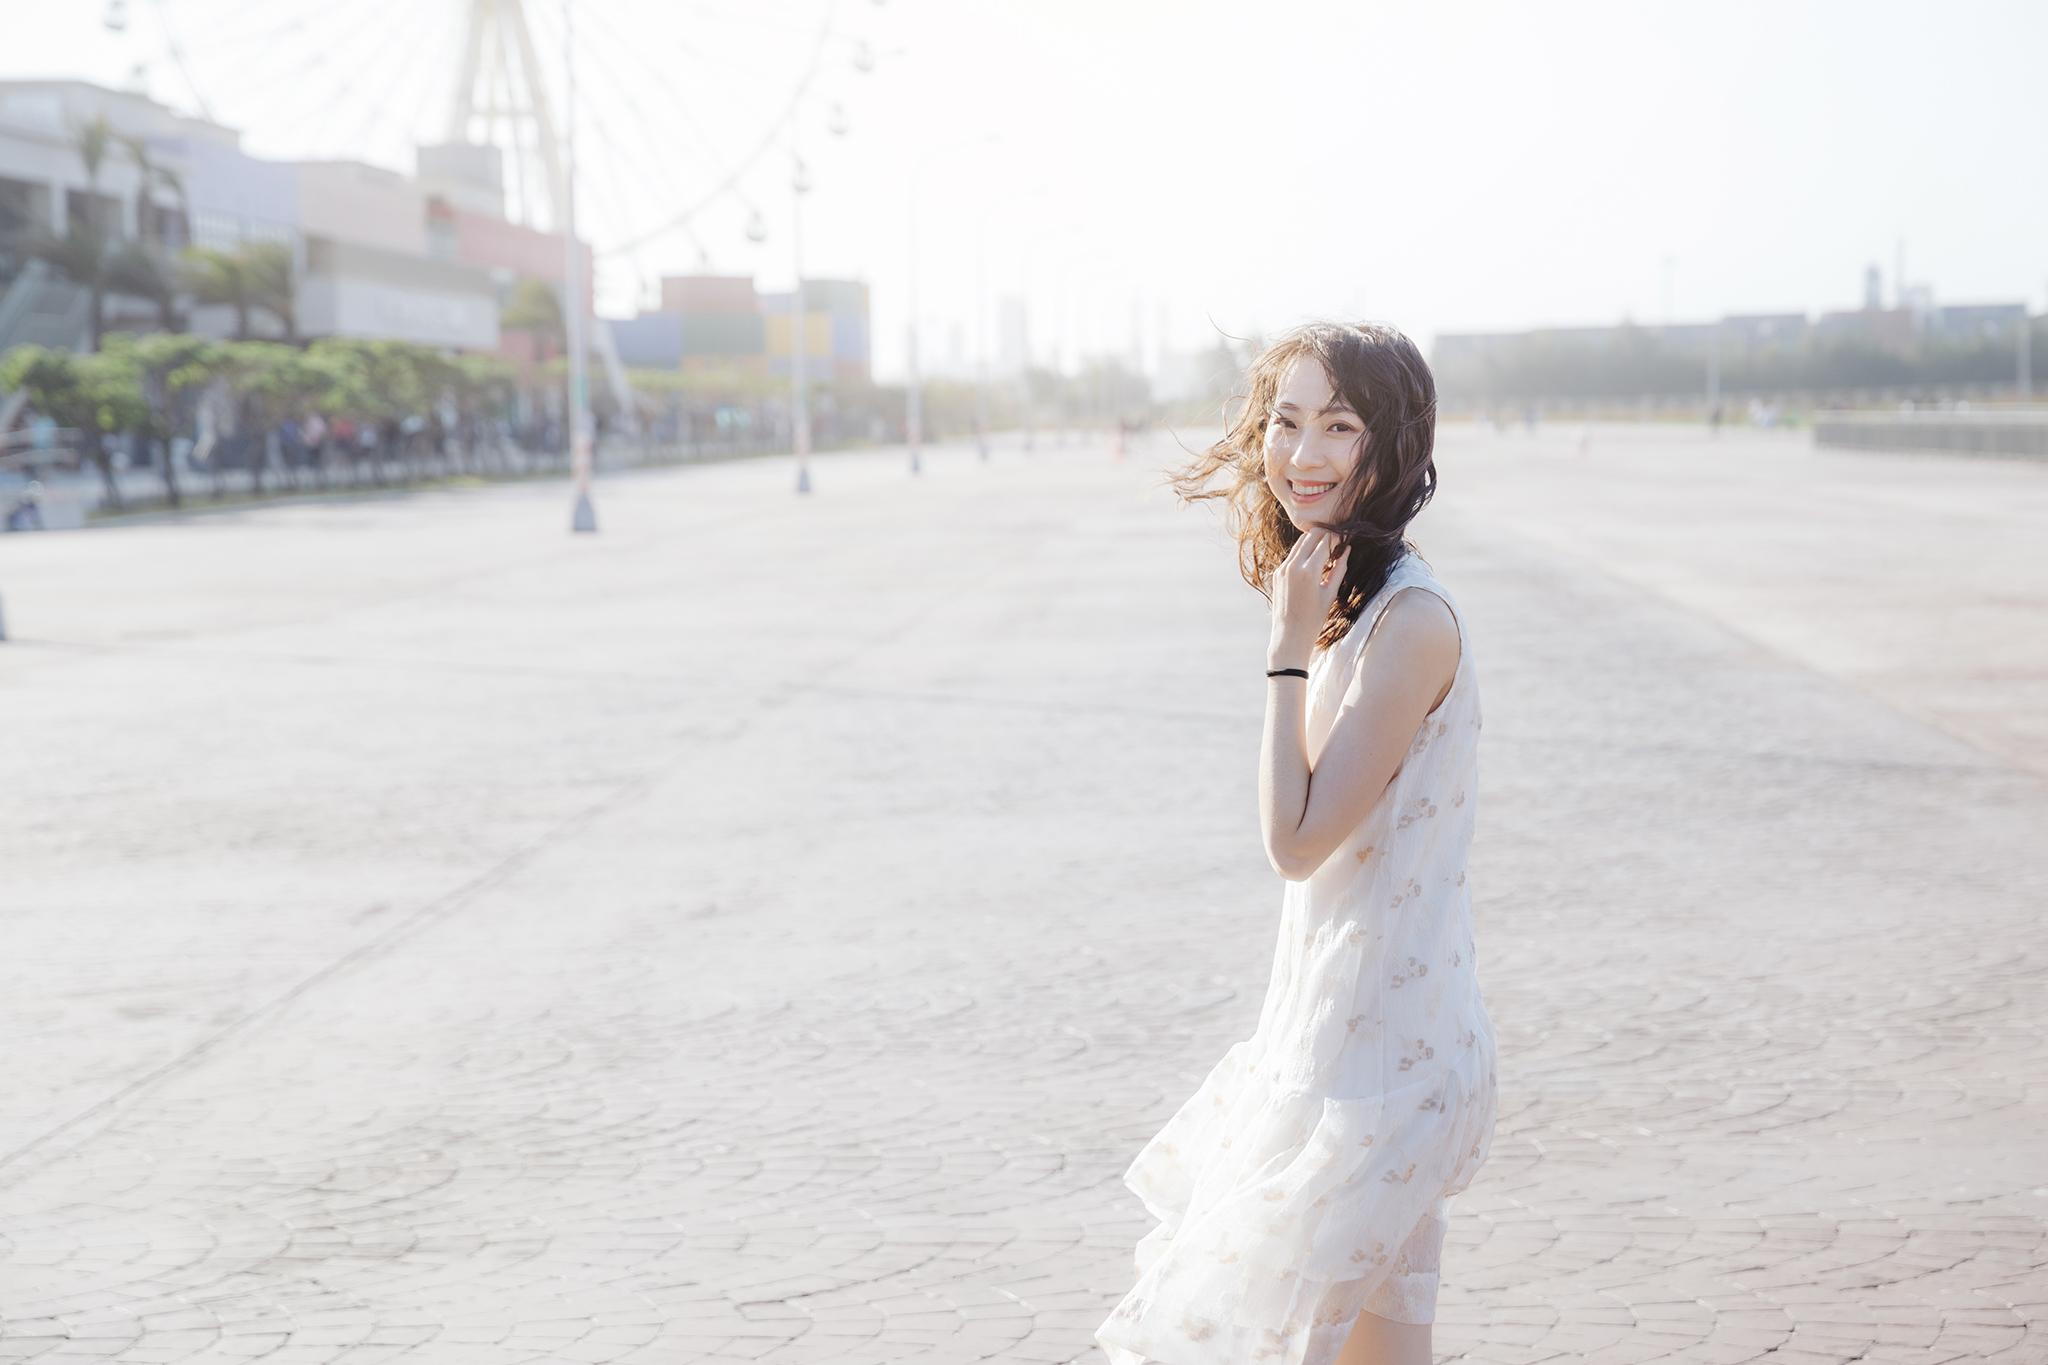 50476363582 d7434b96de o - 【寫真】+Melody+EP2